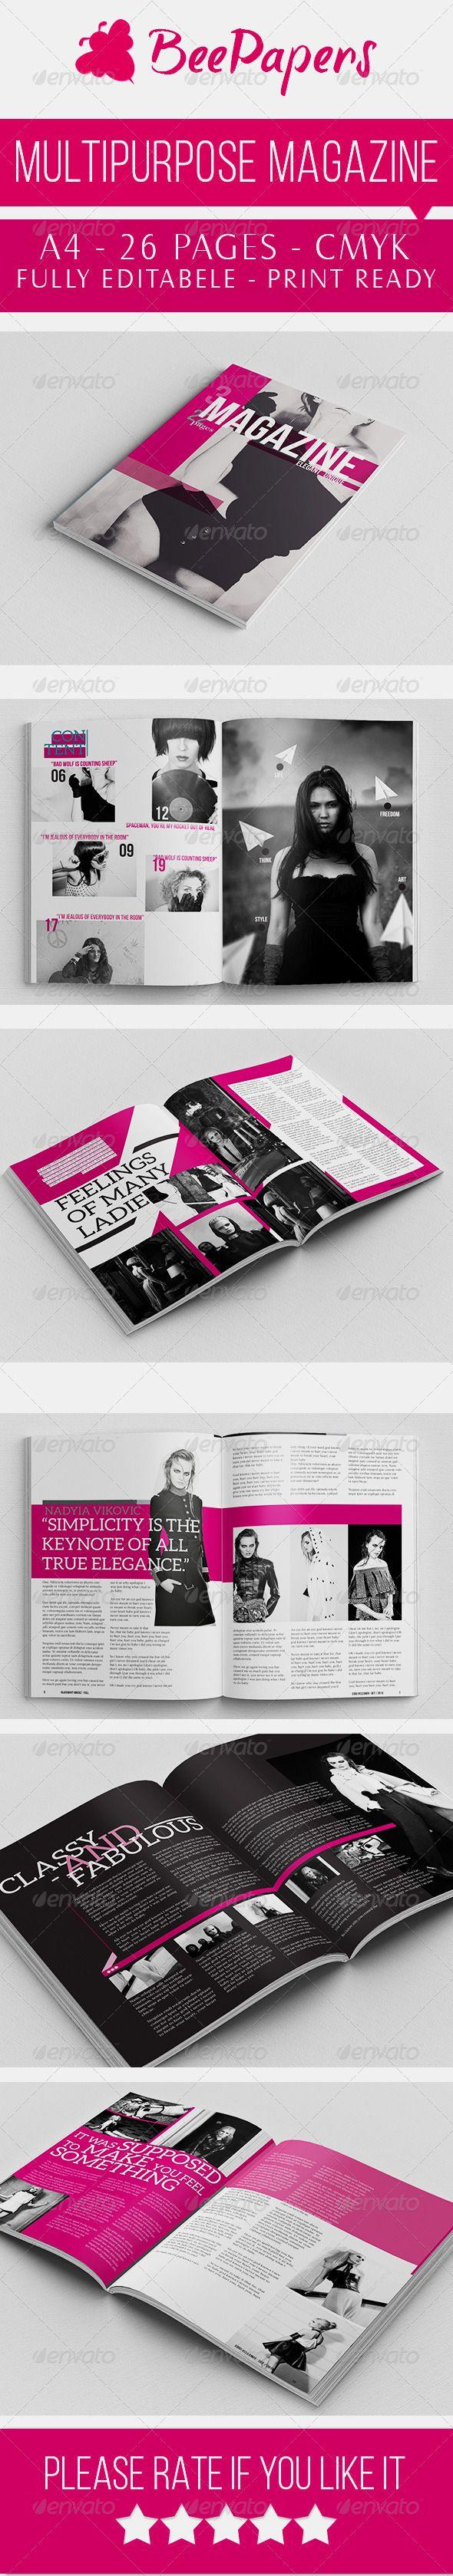 Unique Magazine Indesign | Pinterest